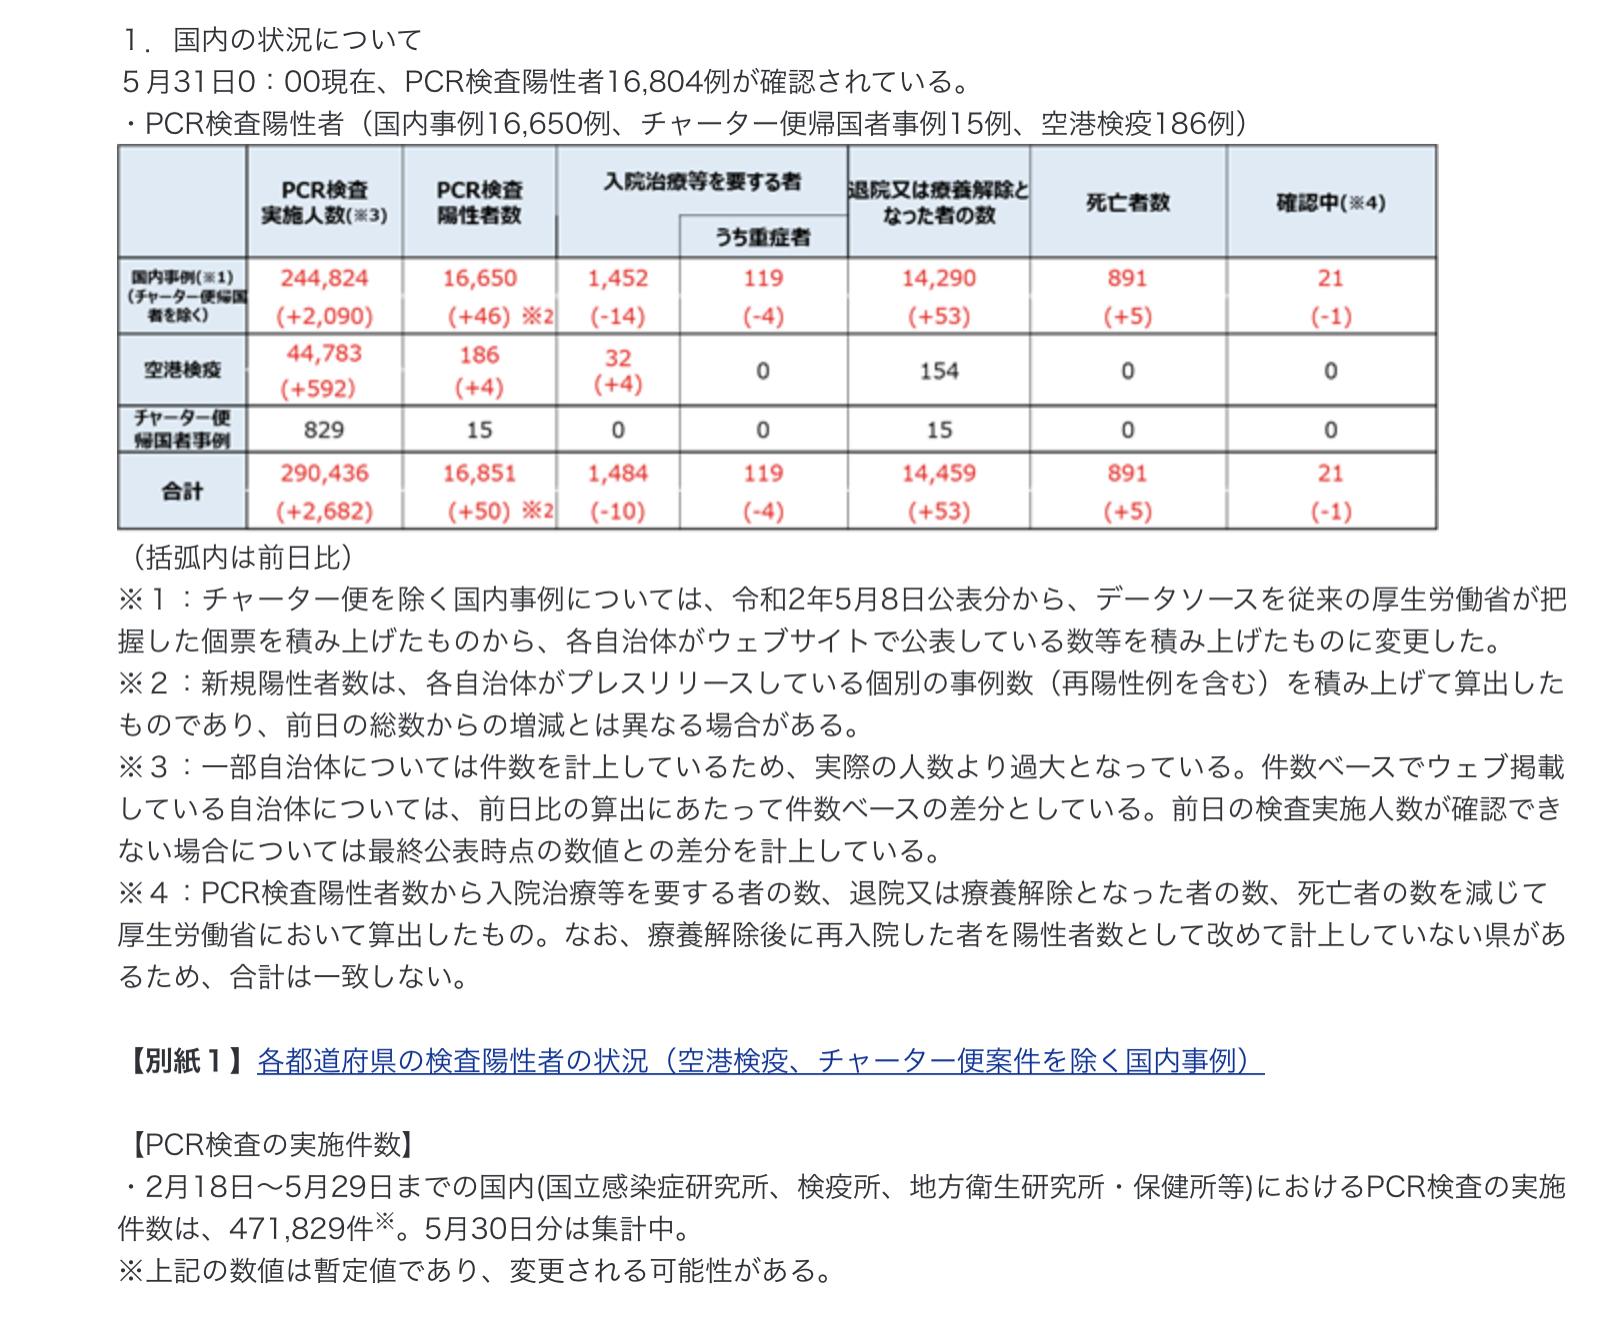 厚労省データ3 イメージ画像